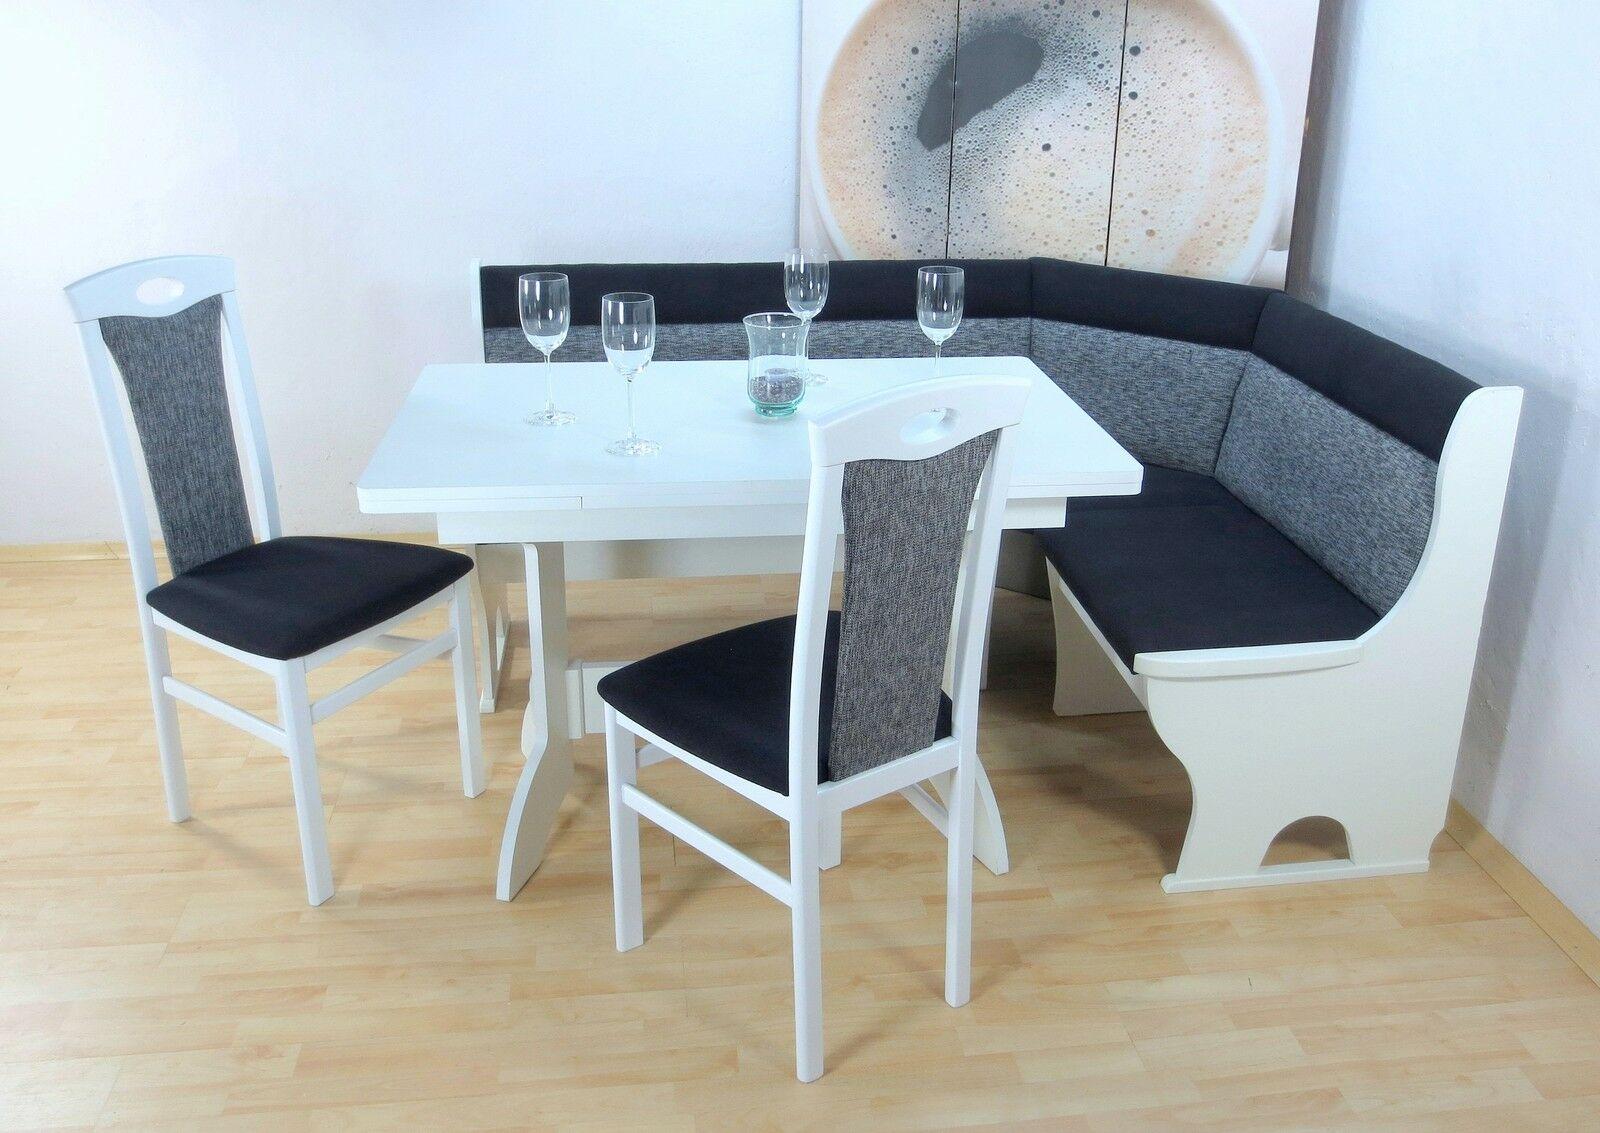 Weiß Truheneckbankgruppe 4 Grau Design Stühle Tisch Moderne Schwarz TlgMassiv IbyYf7m6gv